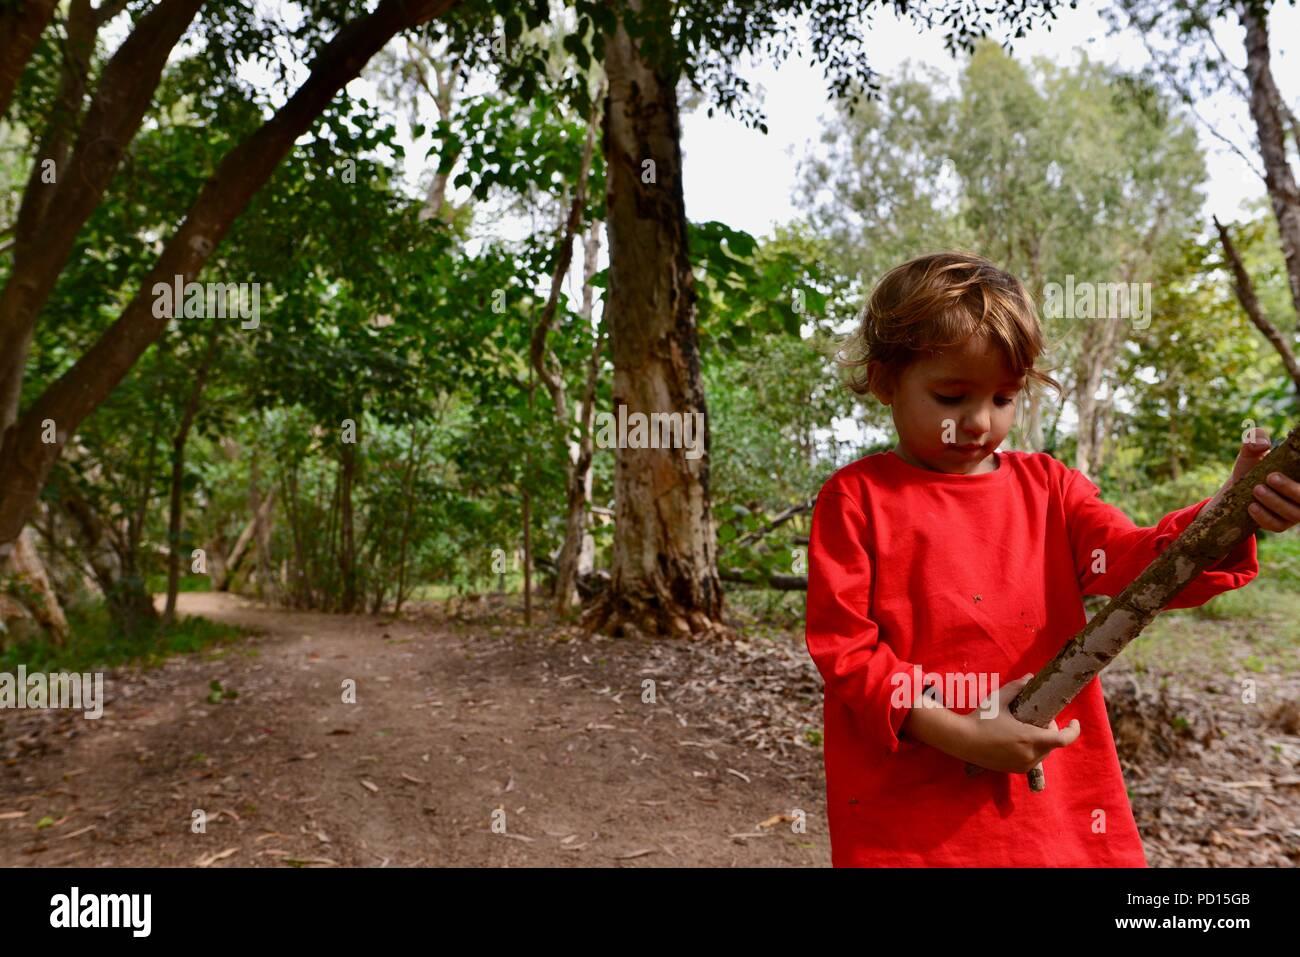 Bambino guarda un bastone ha appena prelevato, Booroona sentiero a piedi sul fiume Ross, Rasmussen QLD 4815, Australia Foto Stock